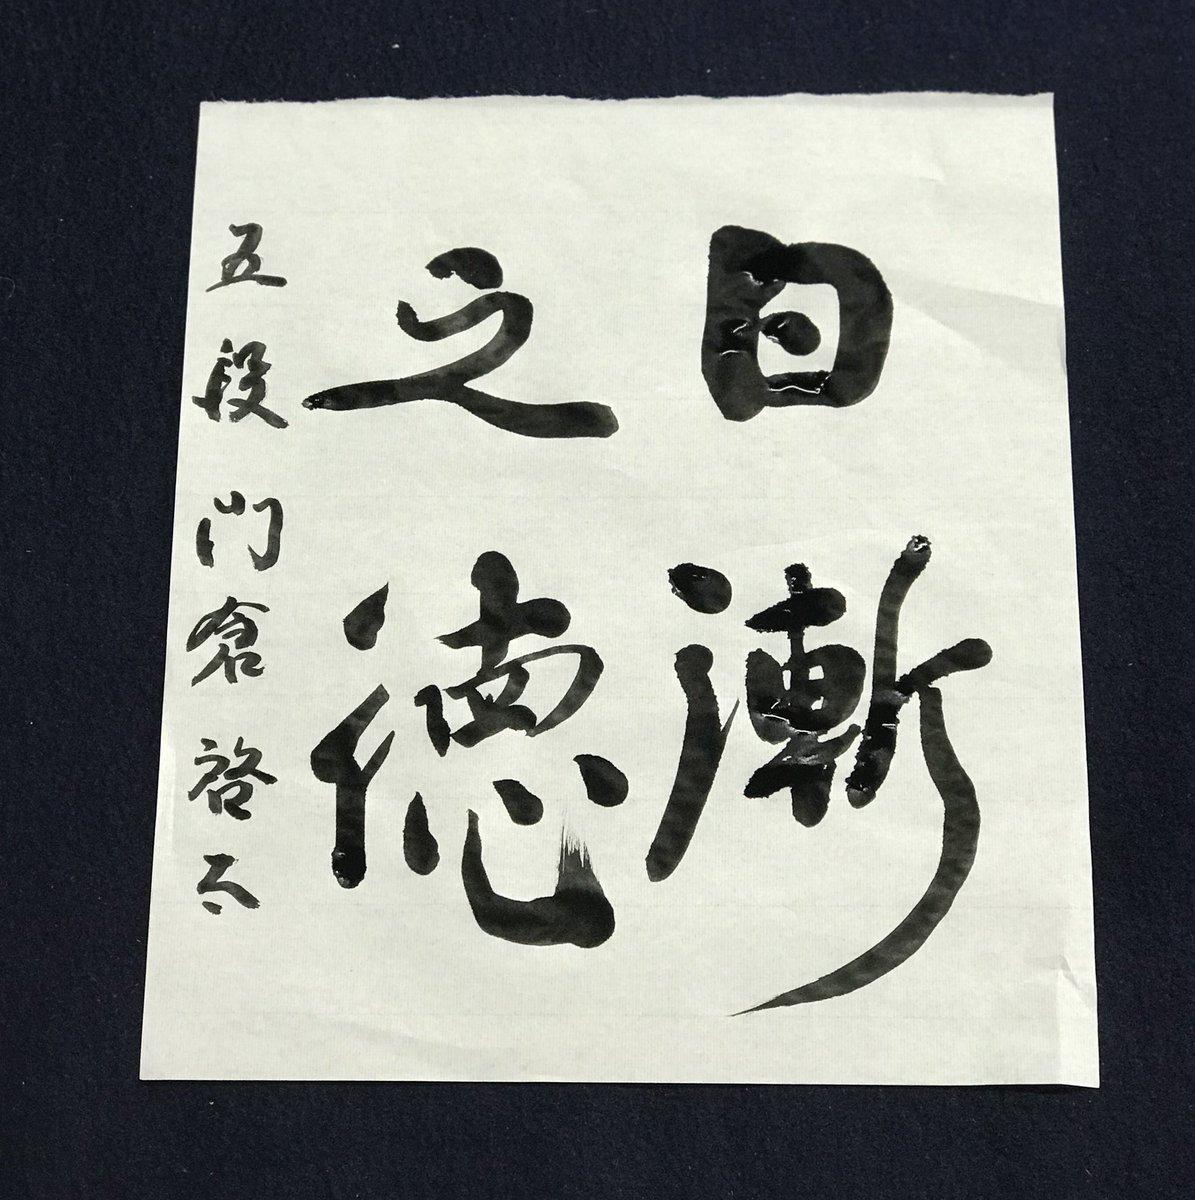 門倉啓太さんの投稿画像